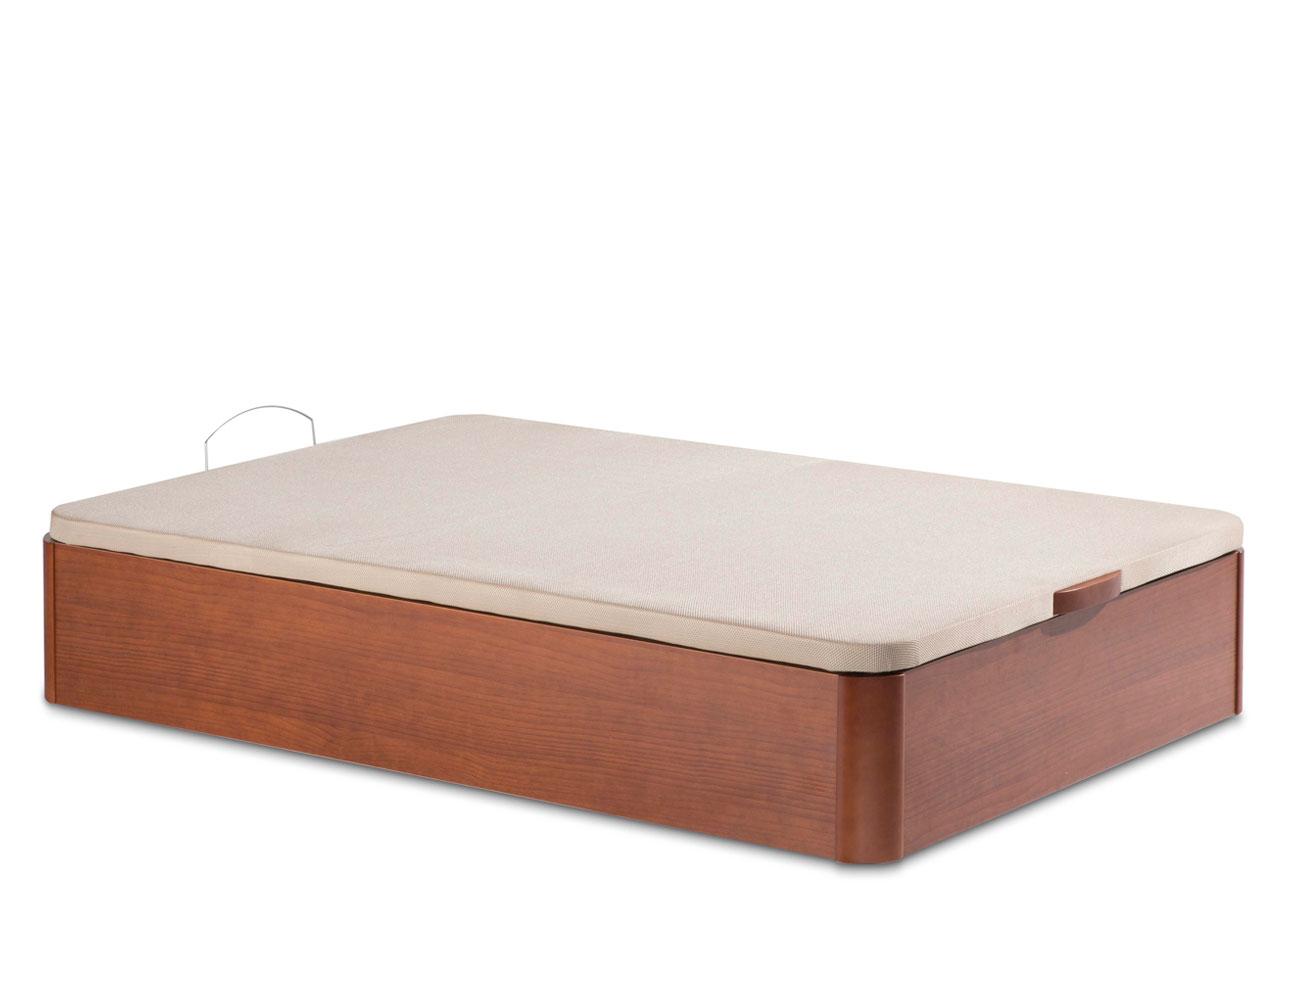 Canape madera base 3d 7321